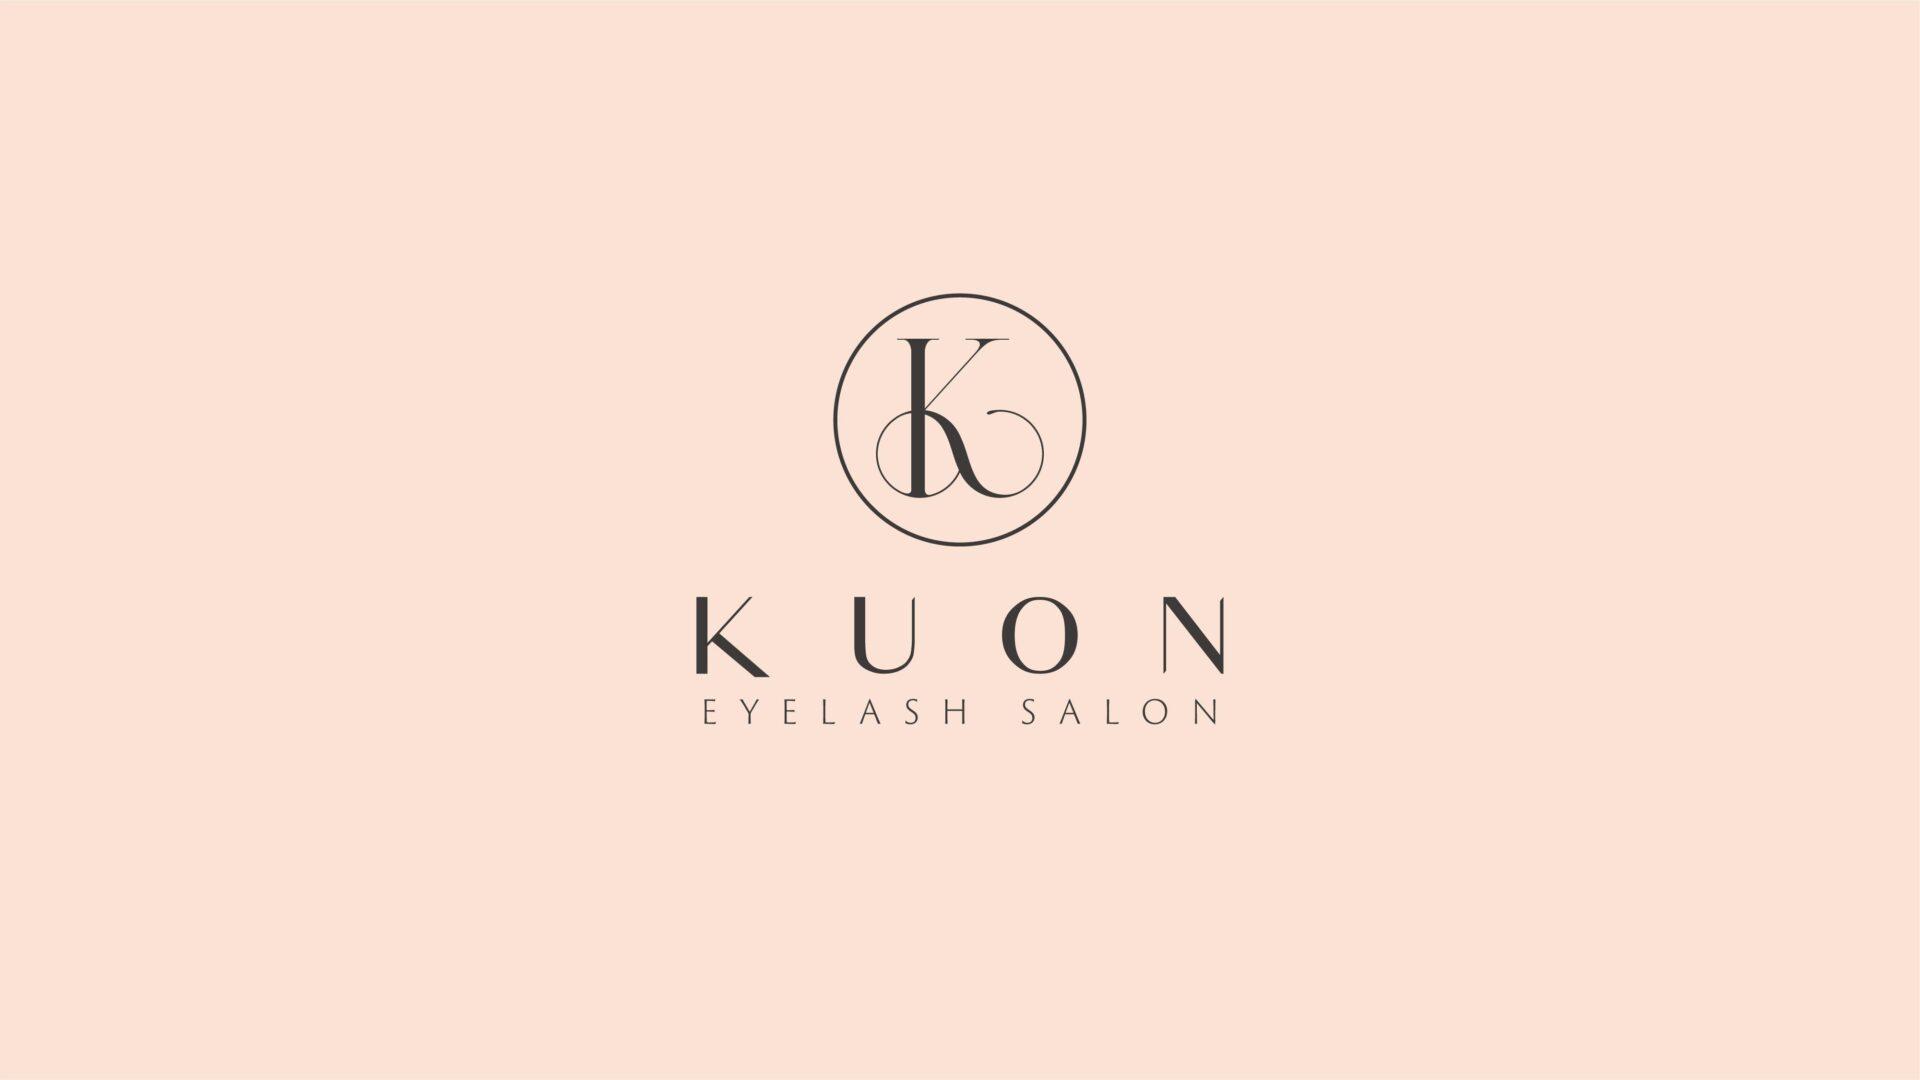 「KUON EYELASH SALON」のサムネイル画像